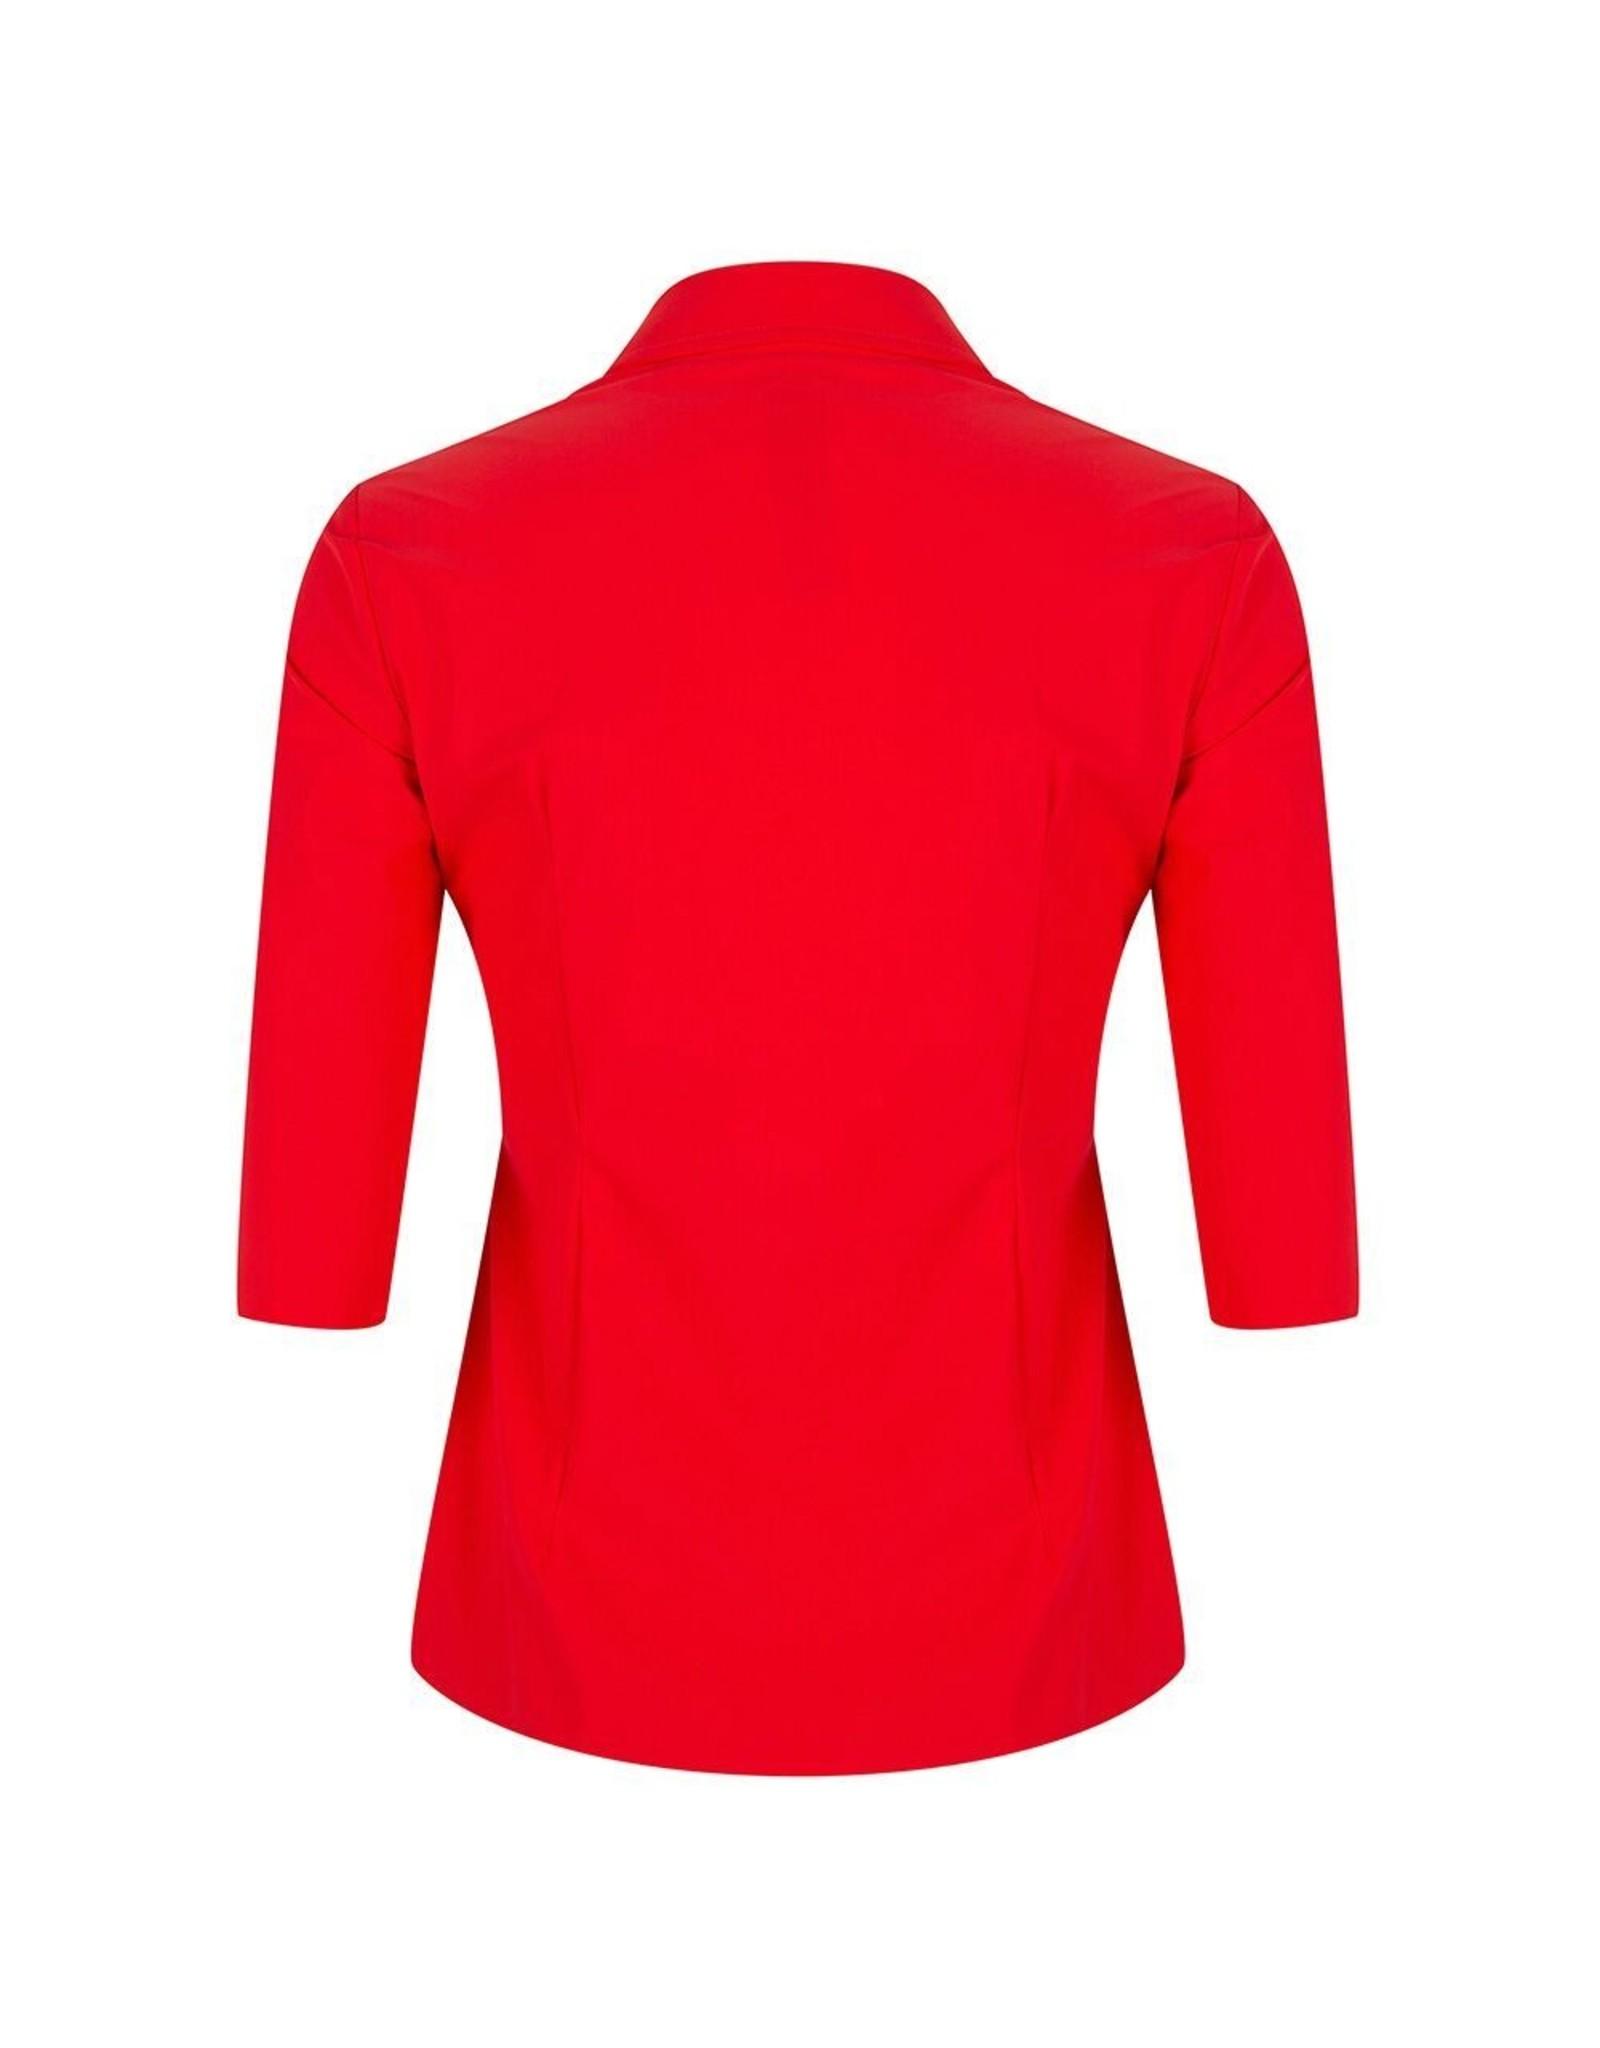 Jane Lushka shirt Debbie